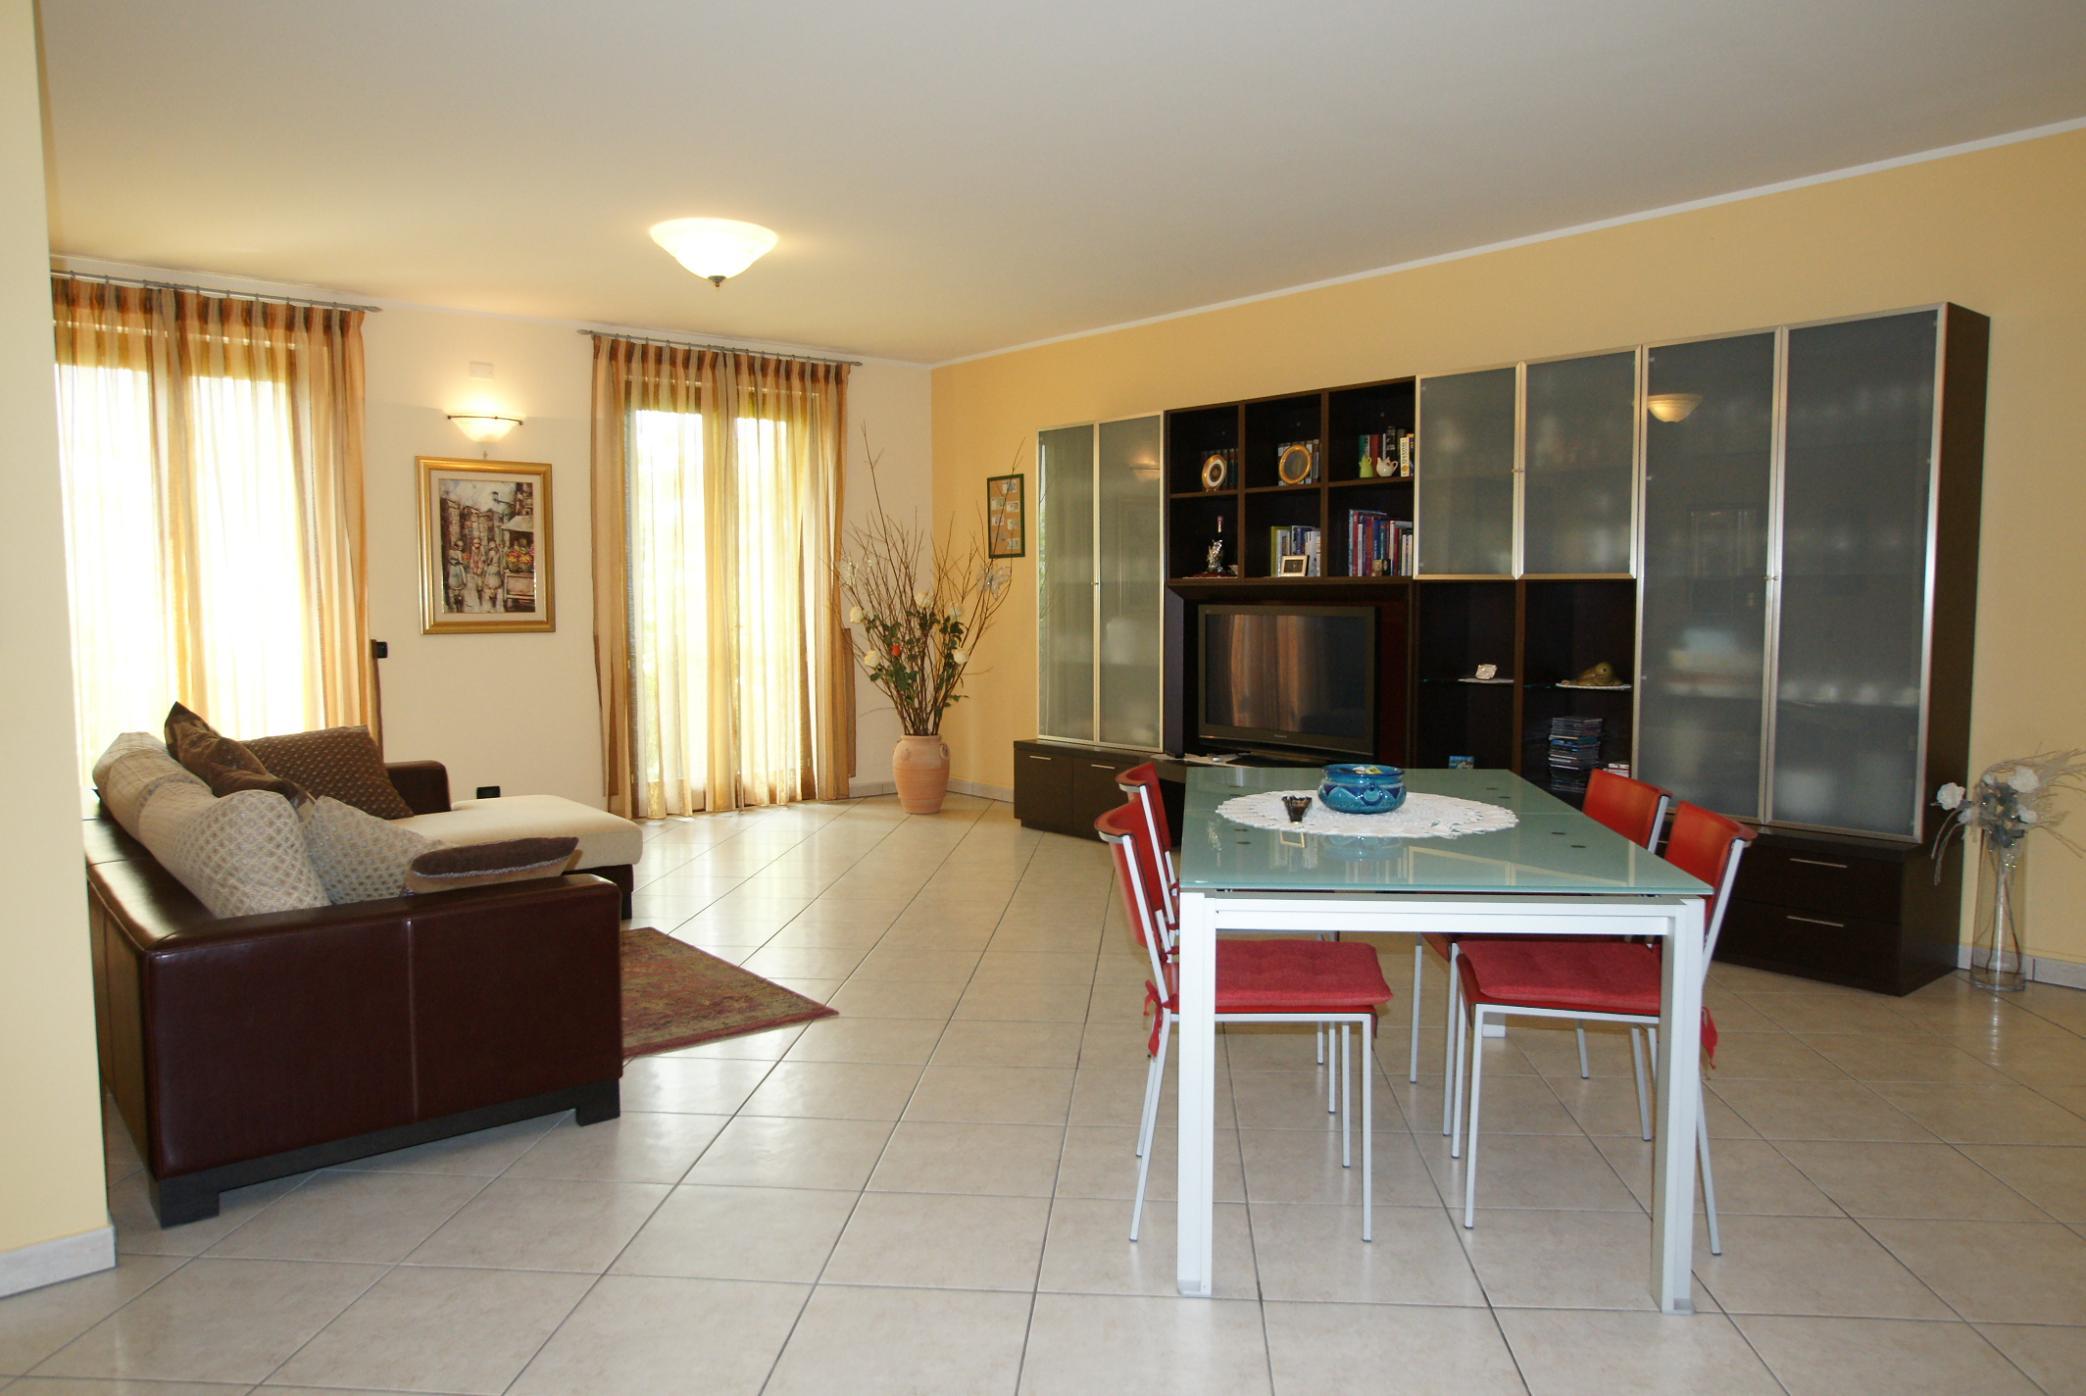 wandfarben kombinieren wohnzimmer verschiedene beispiele f r design. Black Bedroom Furniture Sets. Home Design Ideas